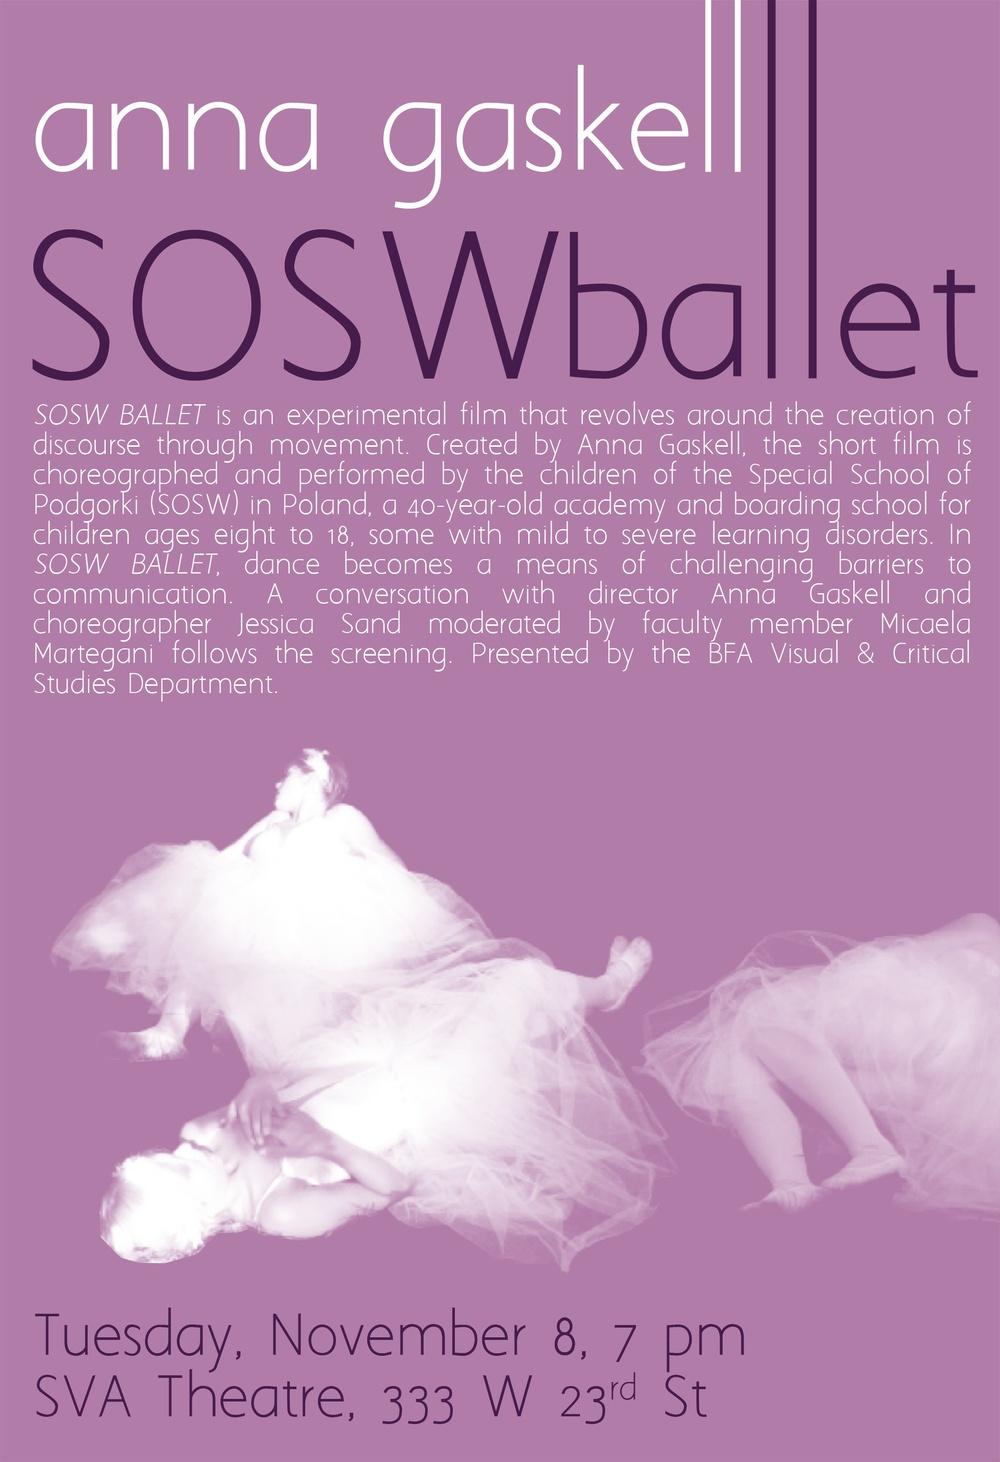 SOSWballetposter.jpg